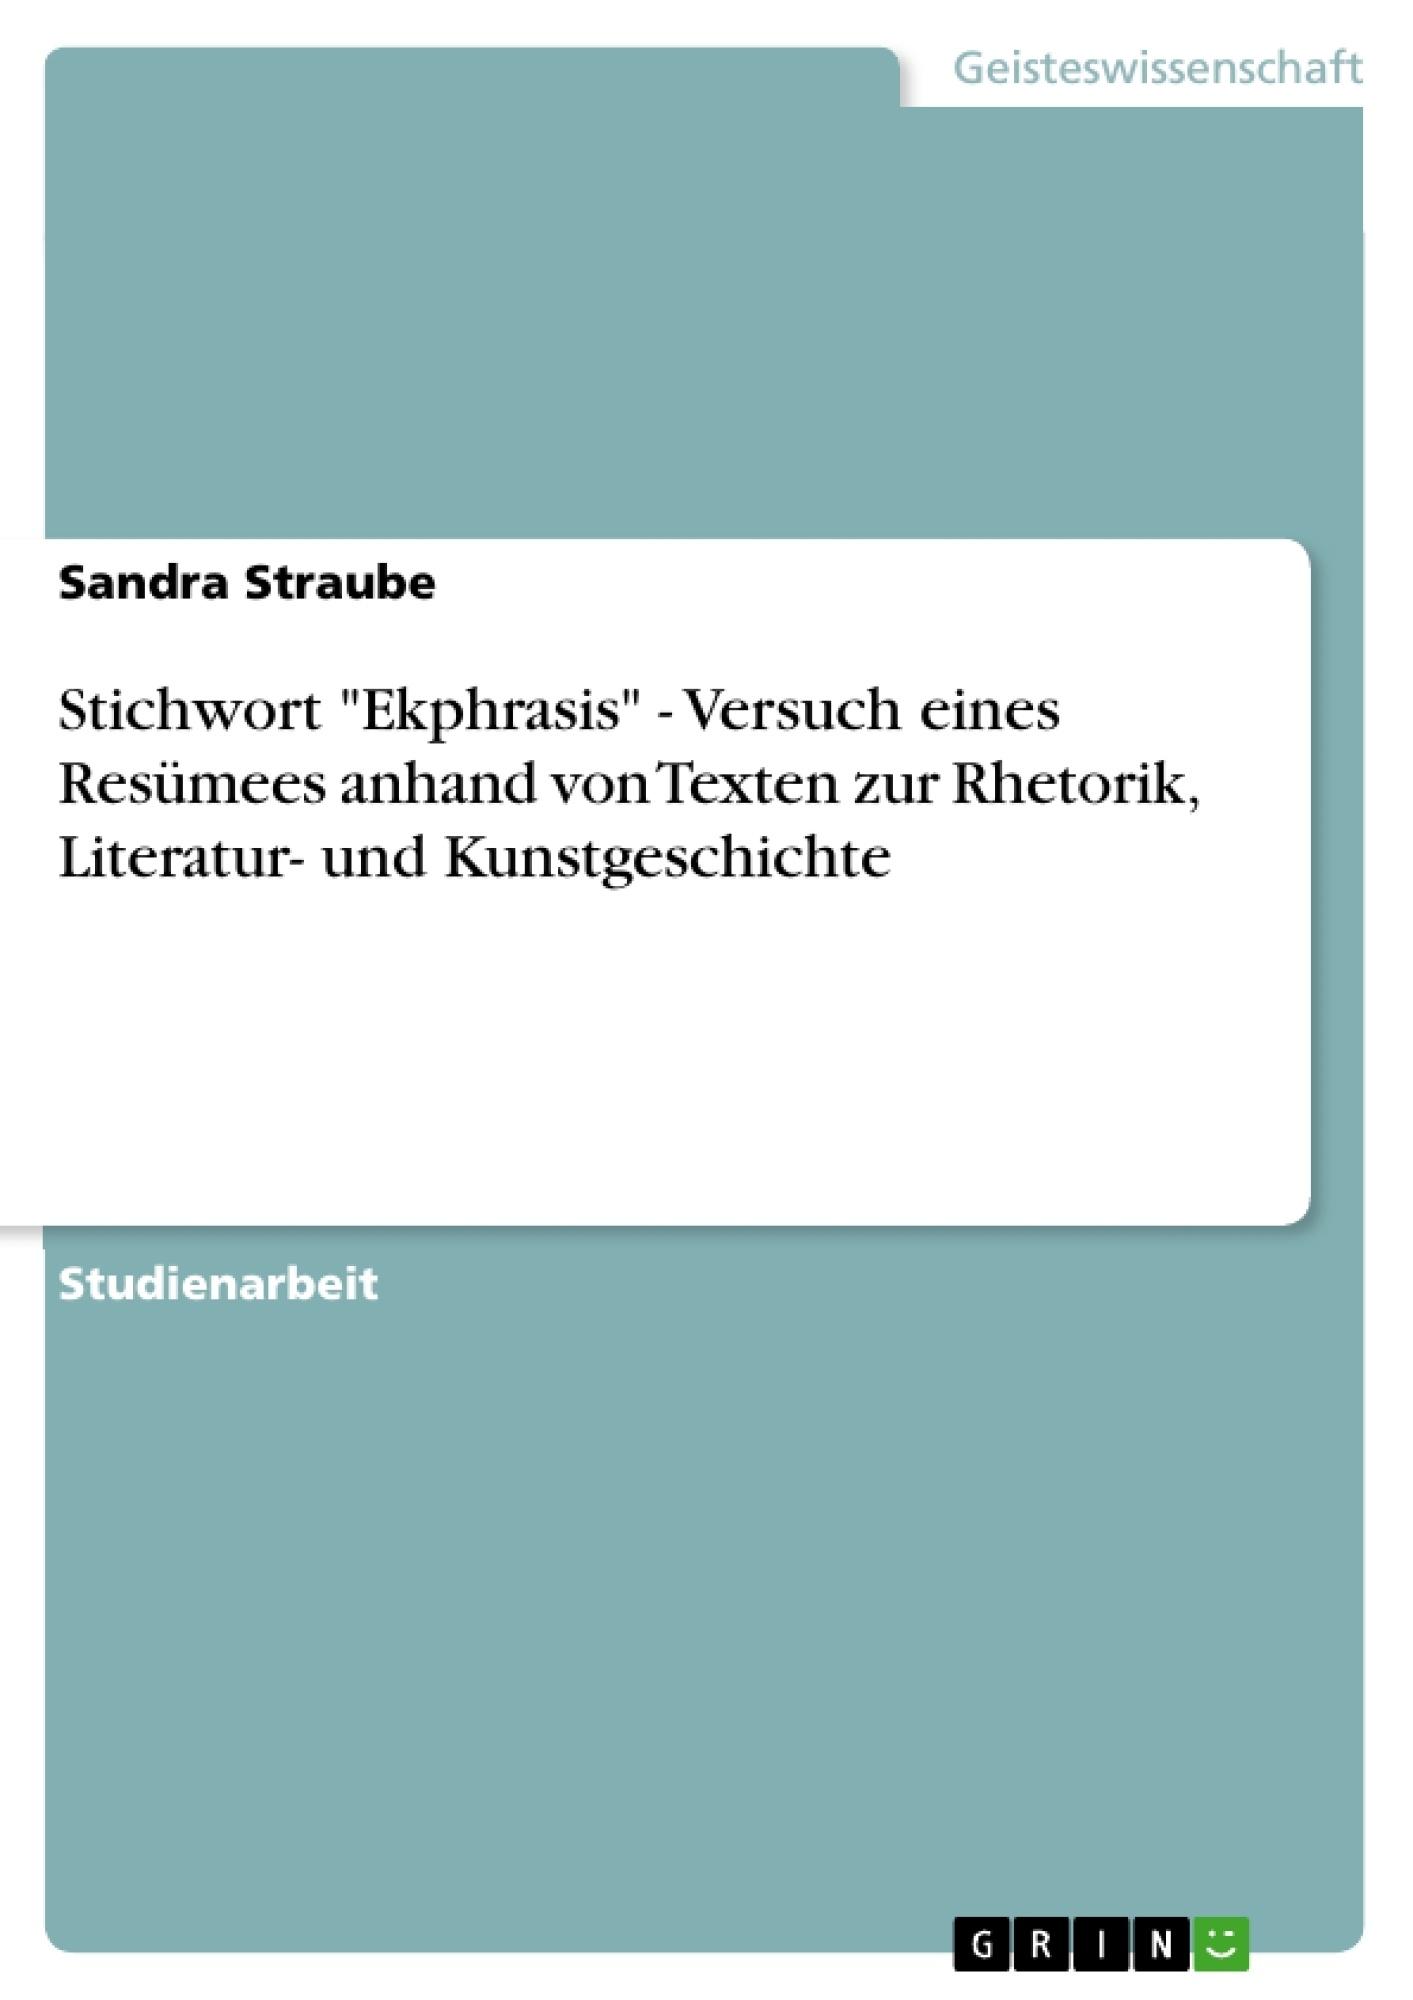 """Titel: Stichwort """"Ekphrasis"""" - Versuch eines Resümees anhand von Texten zur Rhetorik, Literatur- und Kunstgeschichte"""